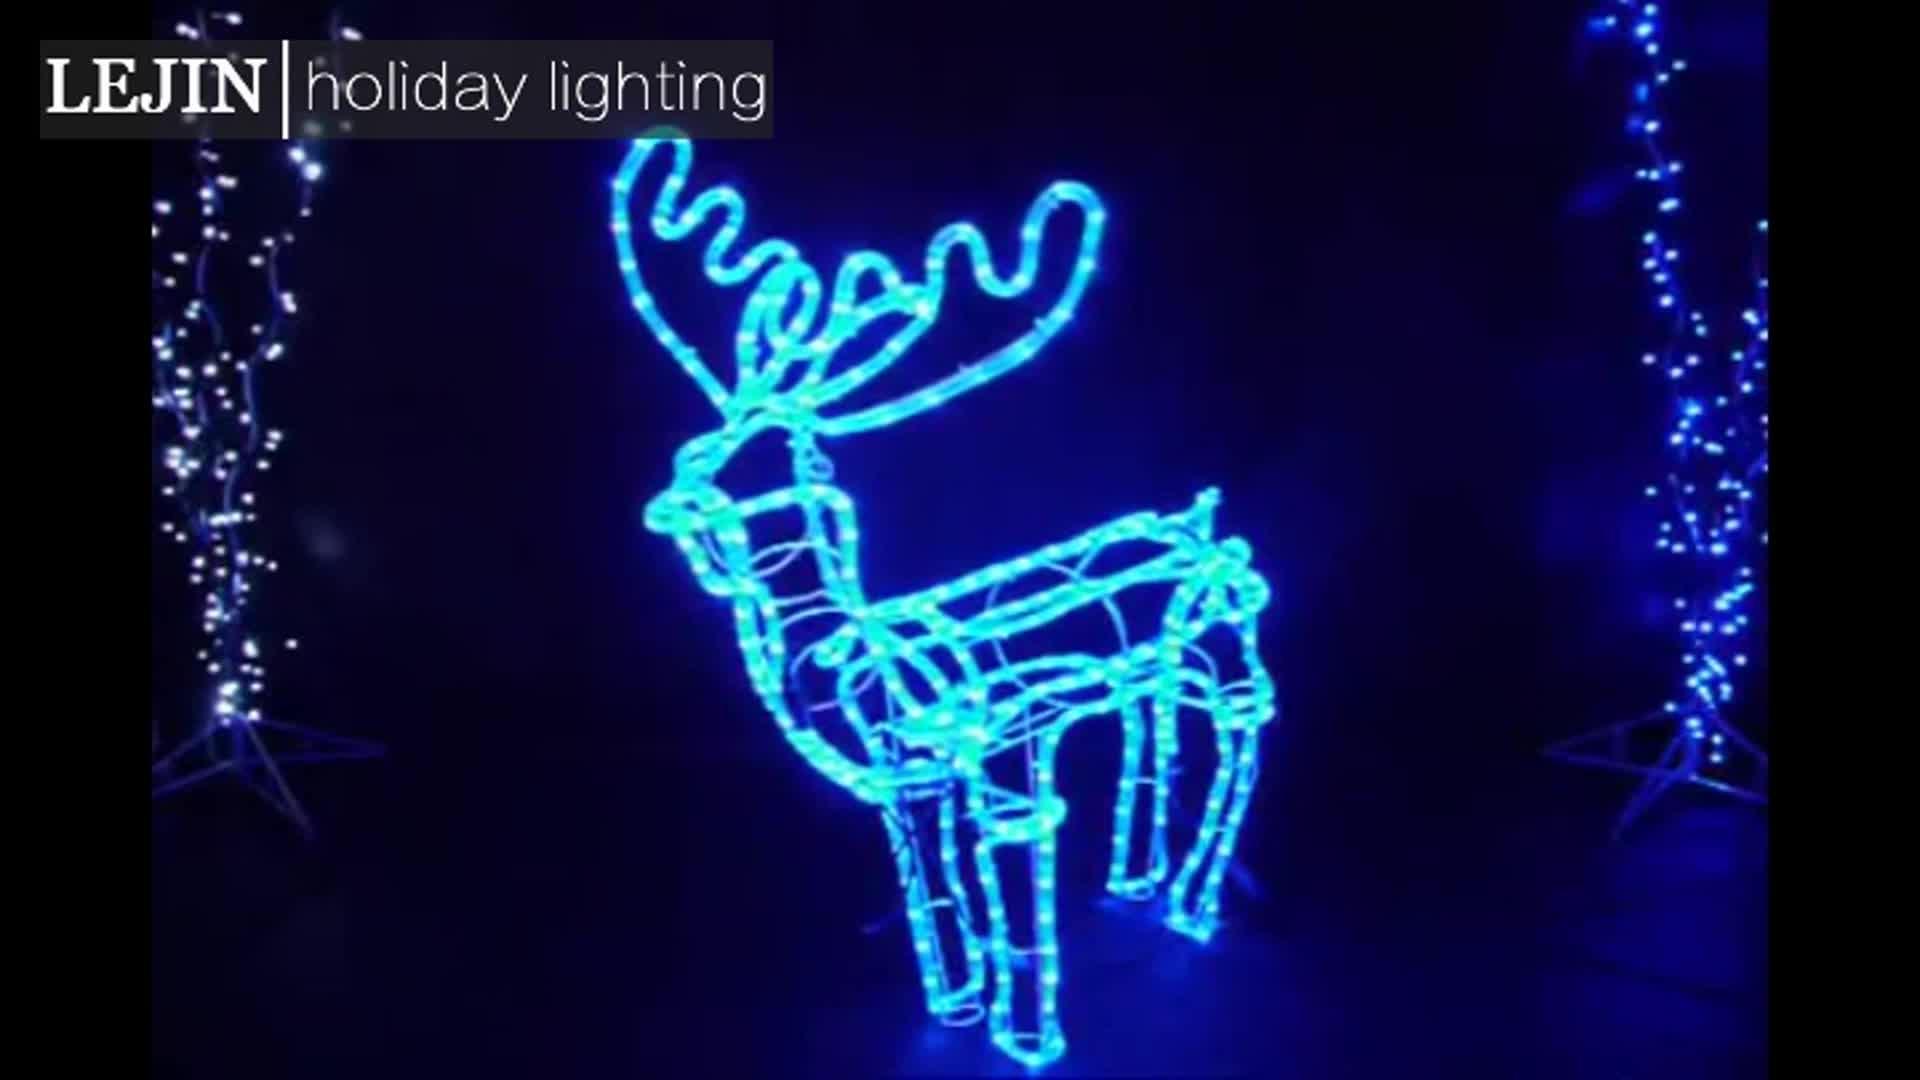 ขายร้อนกลางแจ้ง motif ตกแต่งขนาดใหญ่กลางแจ้งคริสต์มาส reindeer light